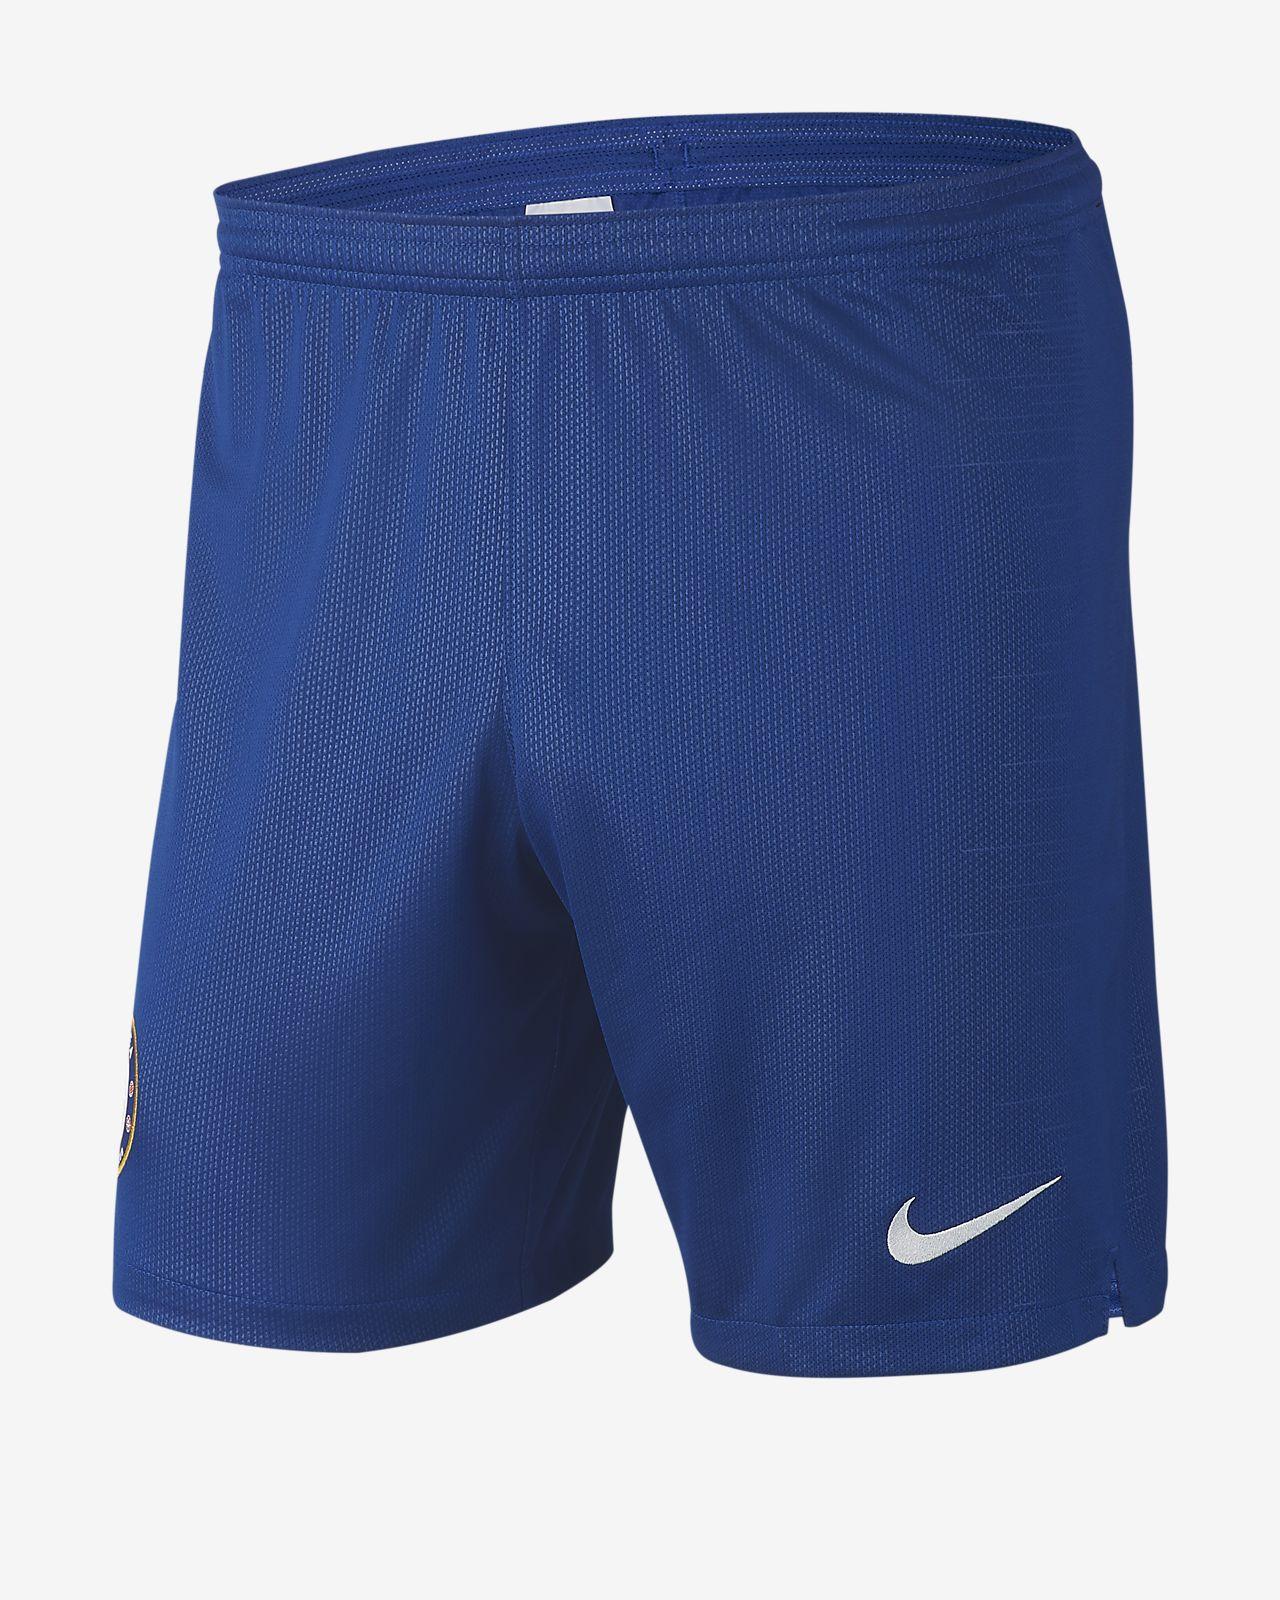 2018/19 Chelsea FC Stadium Home/Away Pantalón corto de fútbol - Hombre